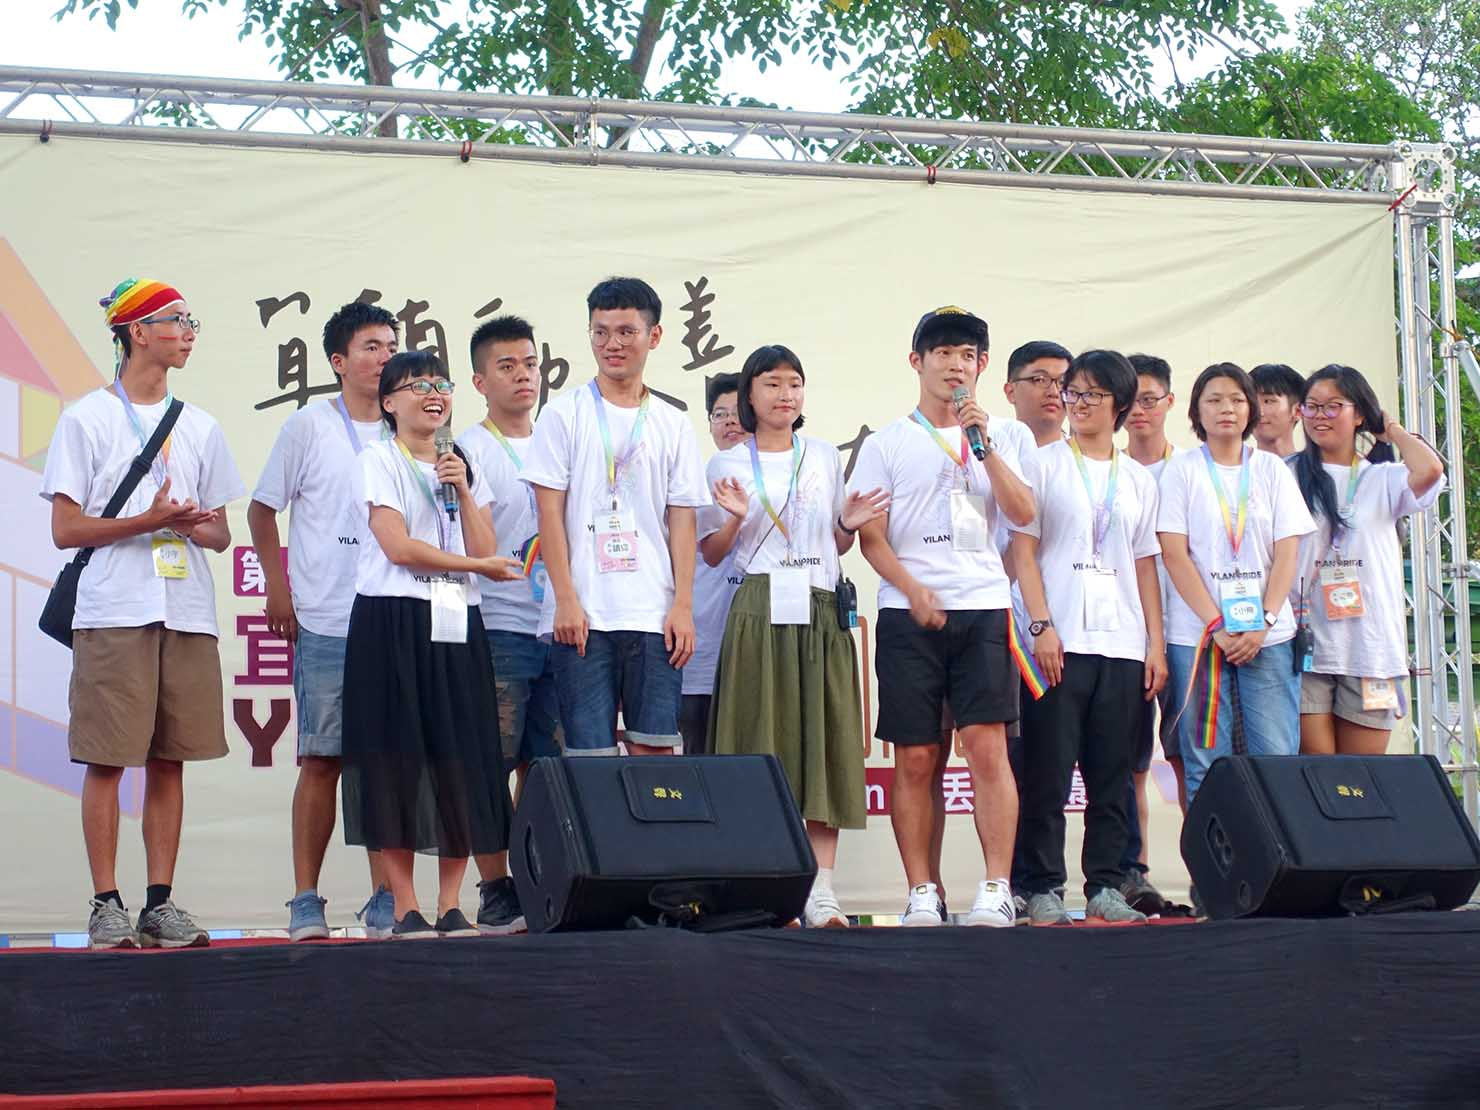 2018年台湾のLGBTプライド「宜蘭驕傲大遊行(宜蘭プライド)」のステージで挨拶をする主催グループ